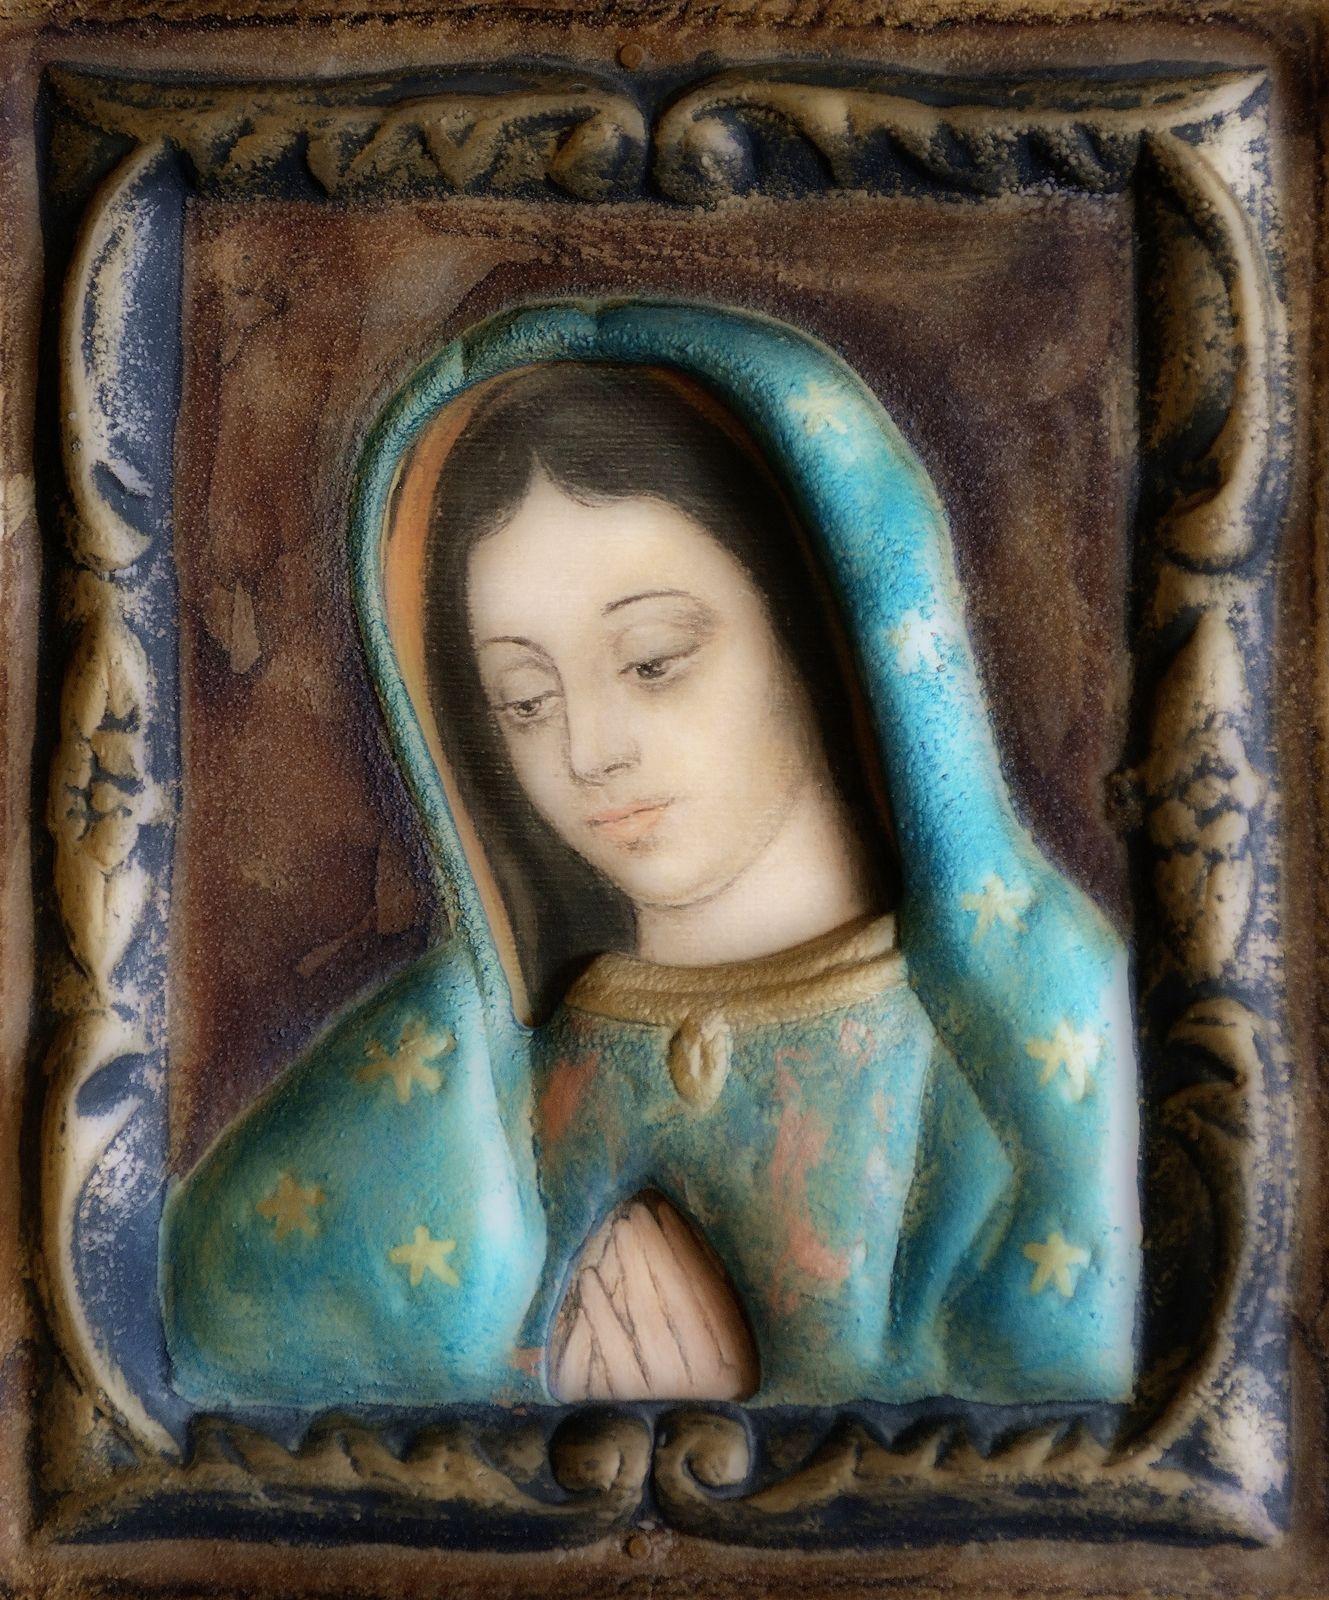 W Twoich Dloniach Me Schronienie W Twym Spojrzeniu Pocieszenie Matko Tak Jak Stala Sie Obecna Przy Malym Juanito Podobnie Jest Nad Papiez Franciszek Natale